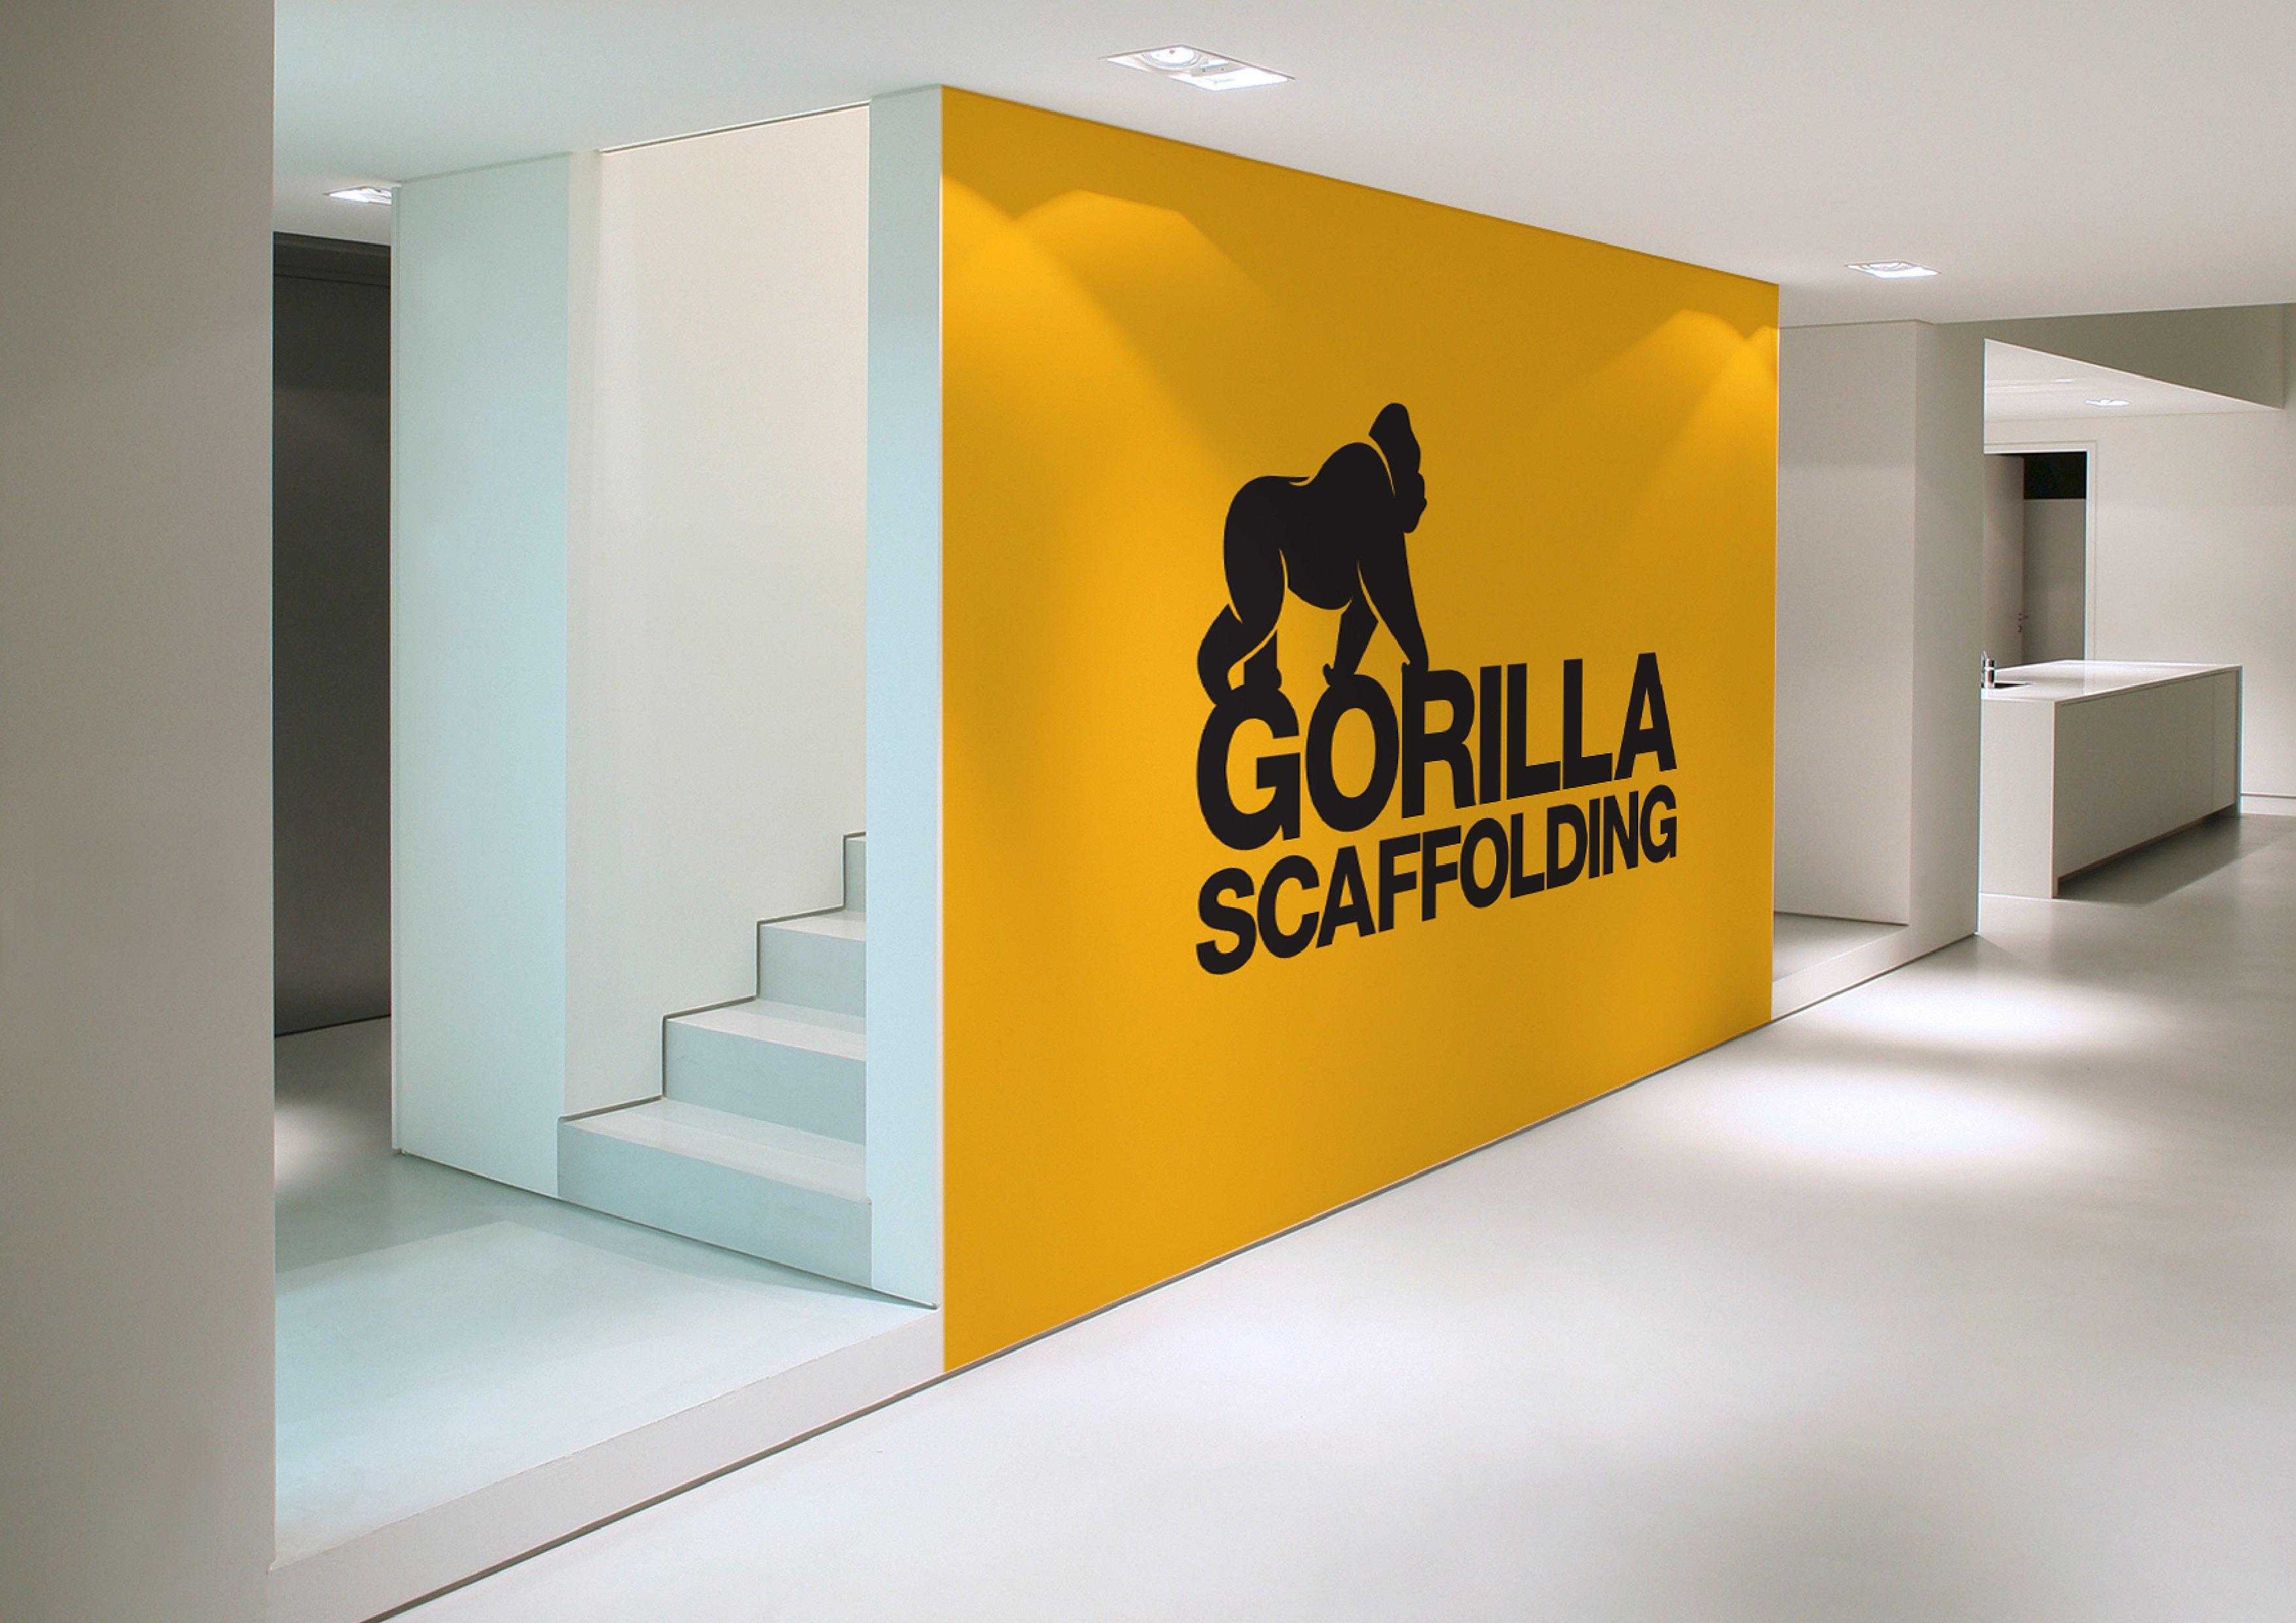 Gorilla Scaffolding - Walls